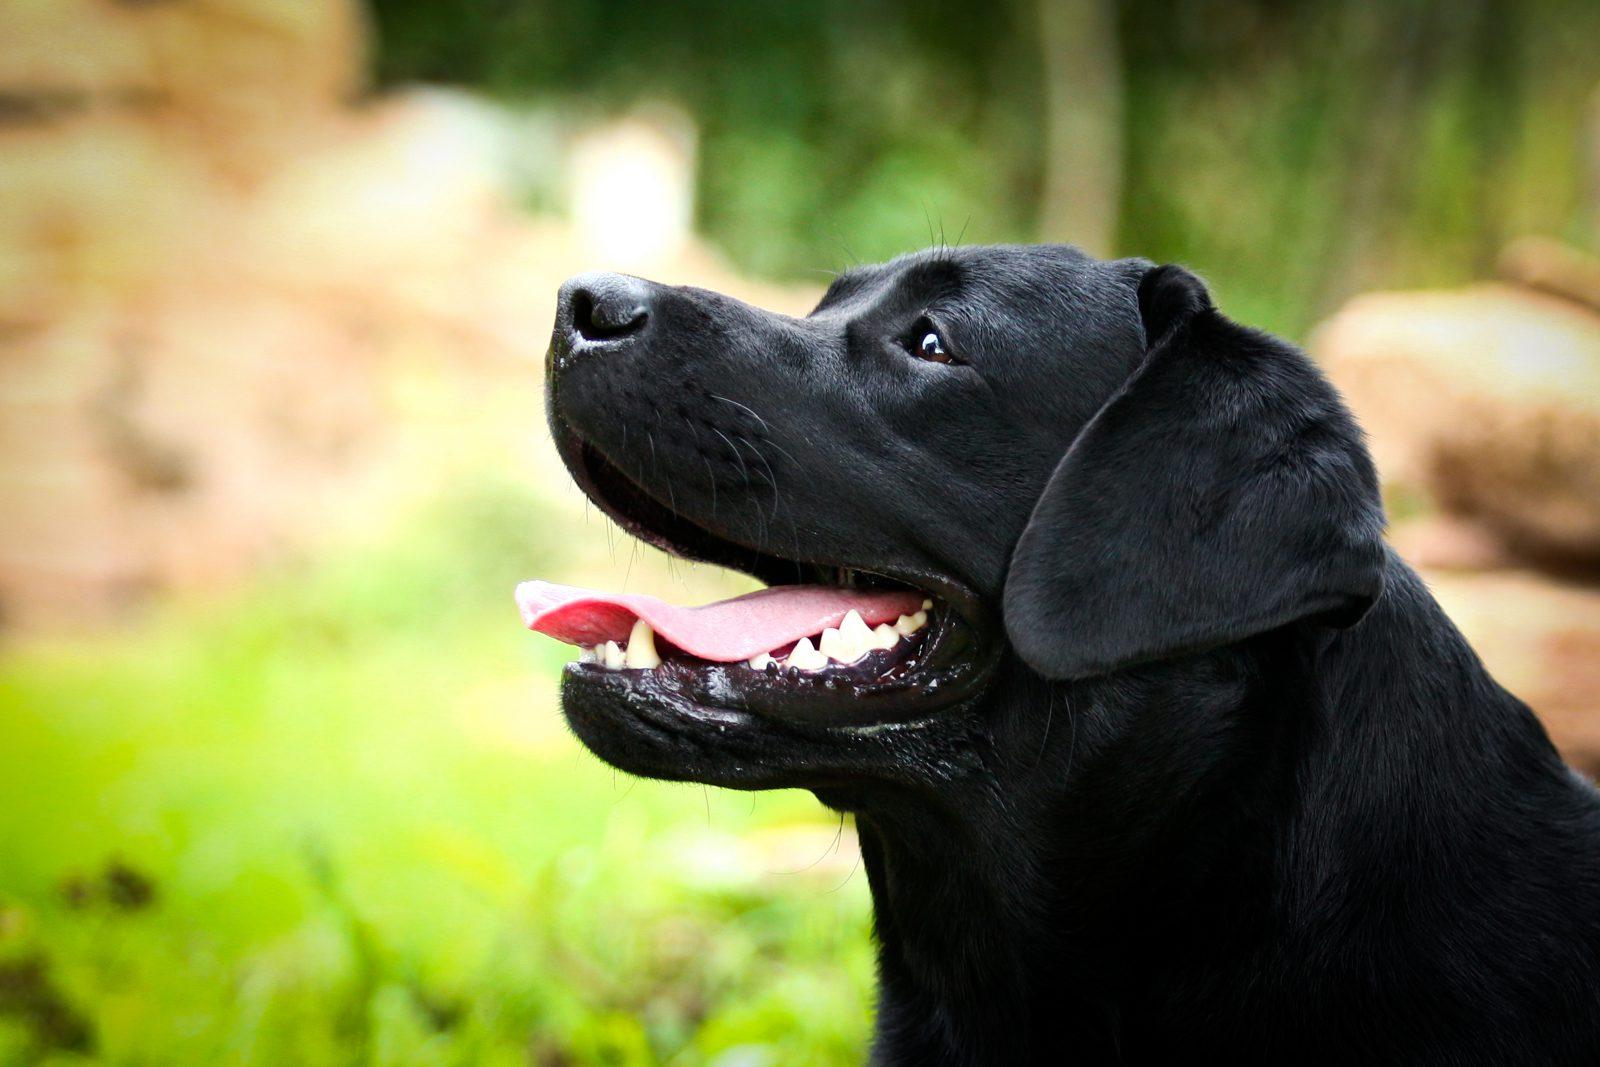 Cão guia: Labrador retriever preto, uma das raças mais populares para os serviços de cão guia e cão terapia.